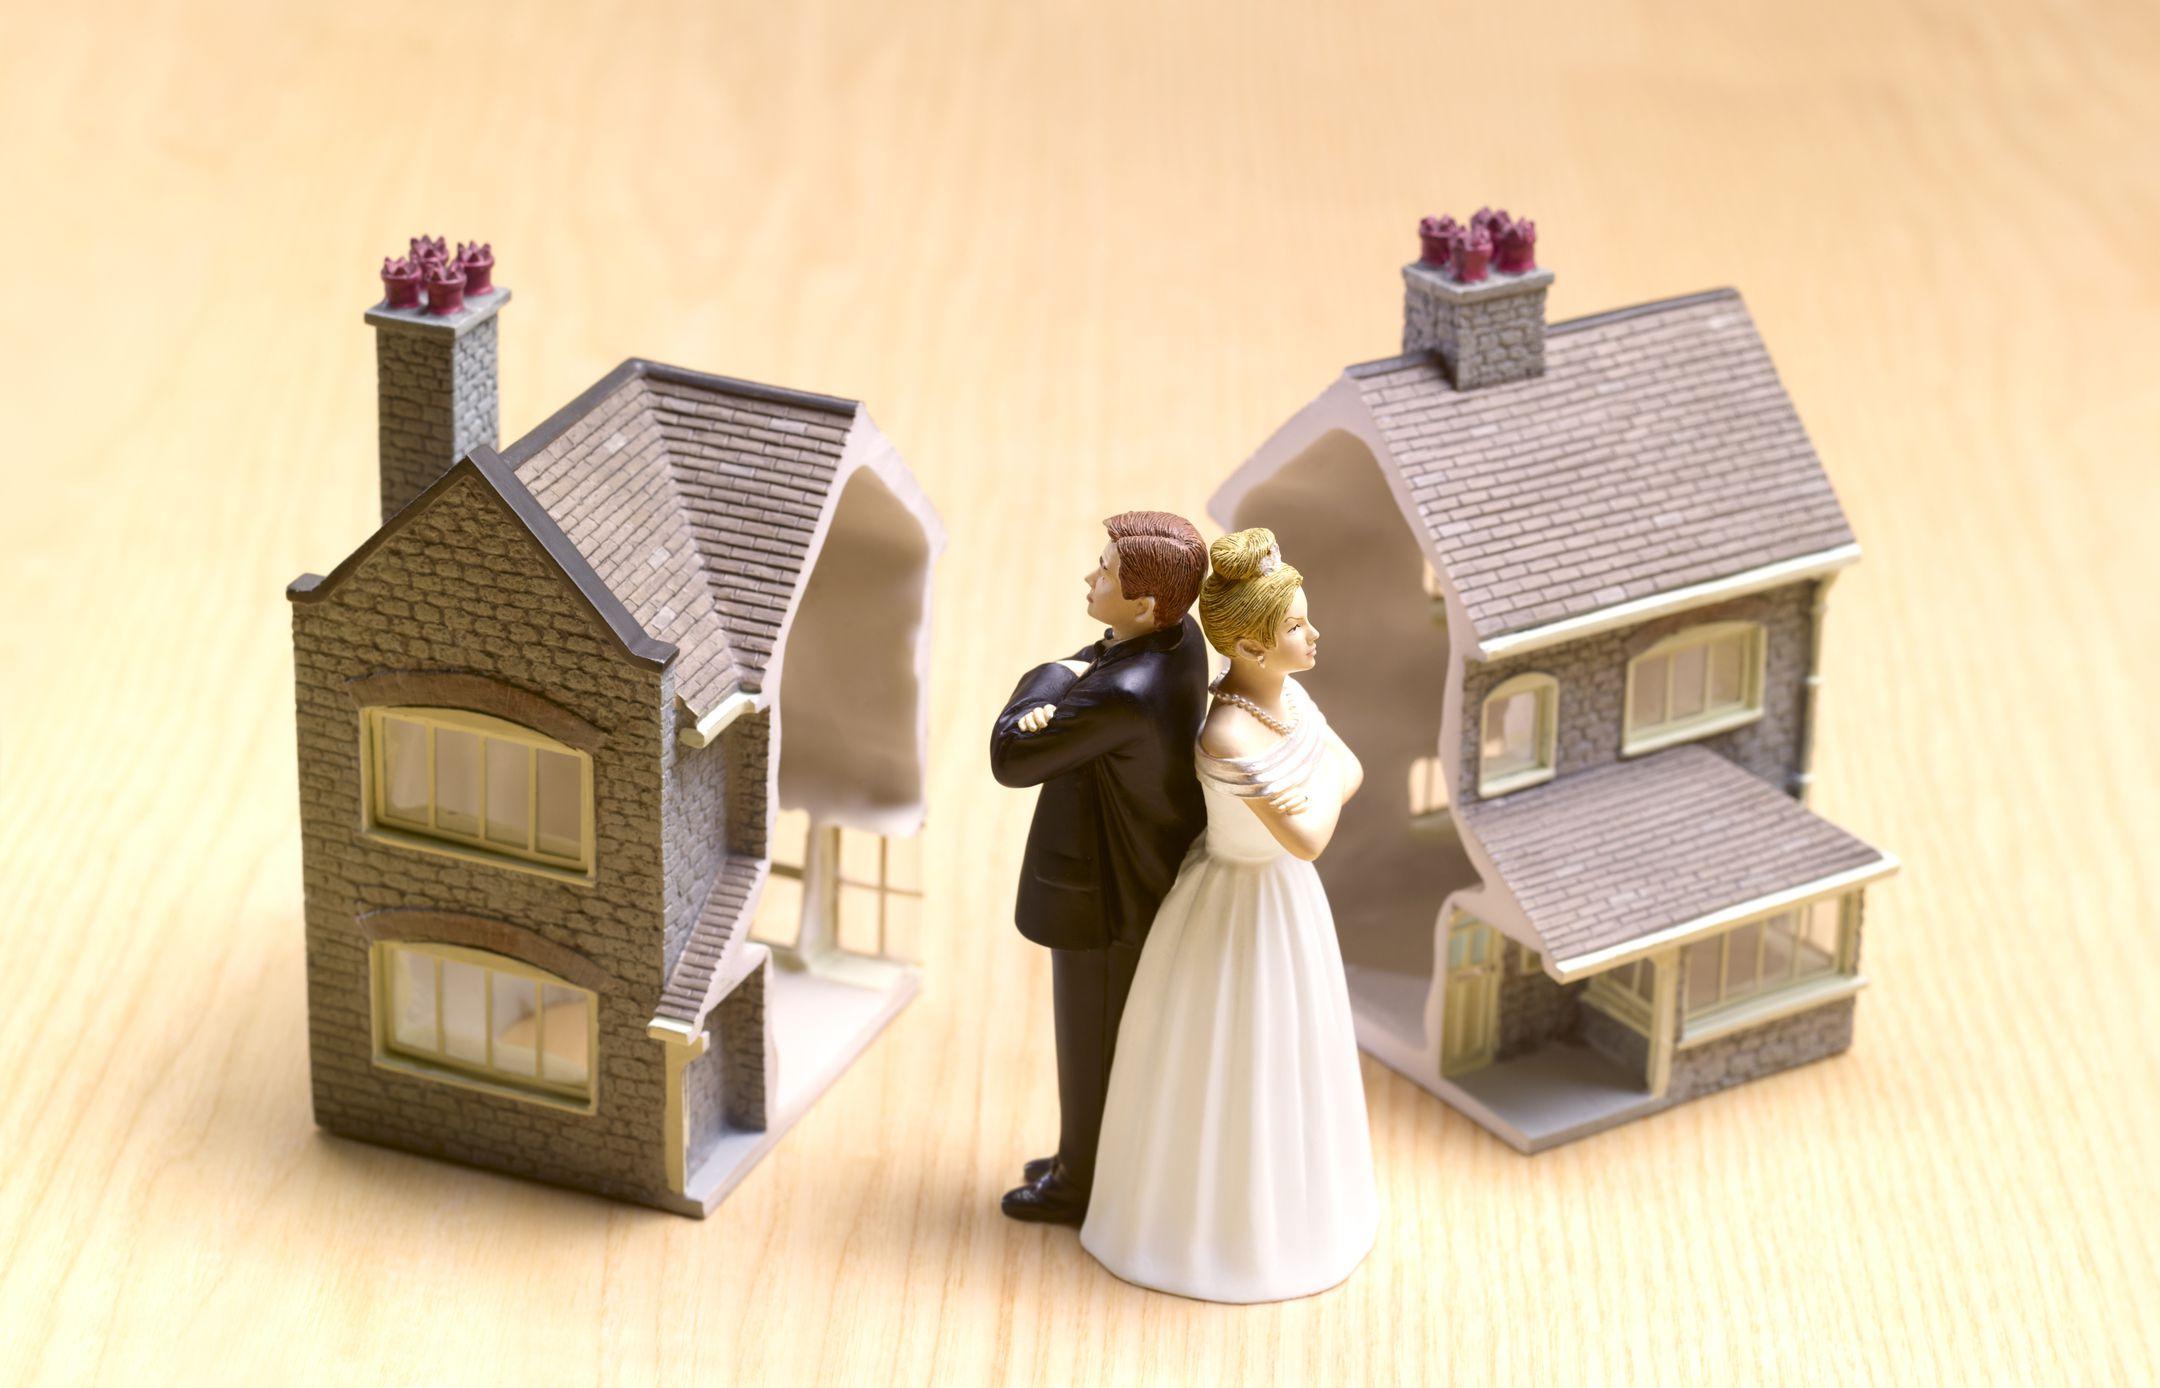 статуэтки жениха и невесты и поделенный пополам дом